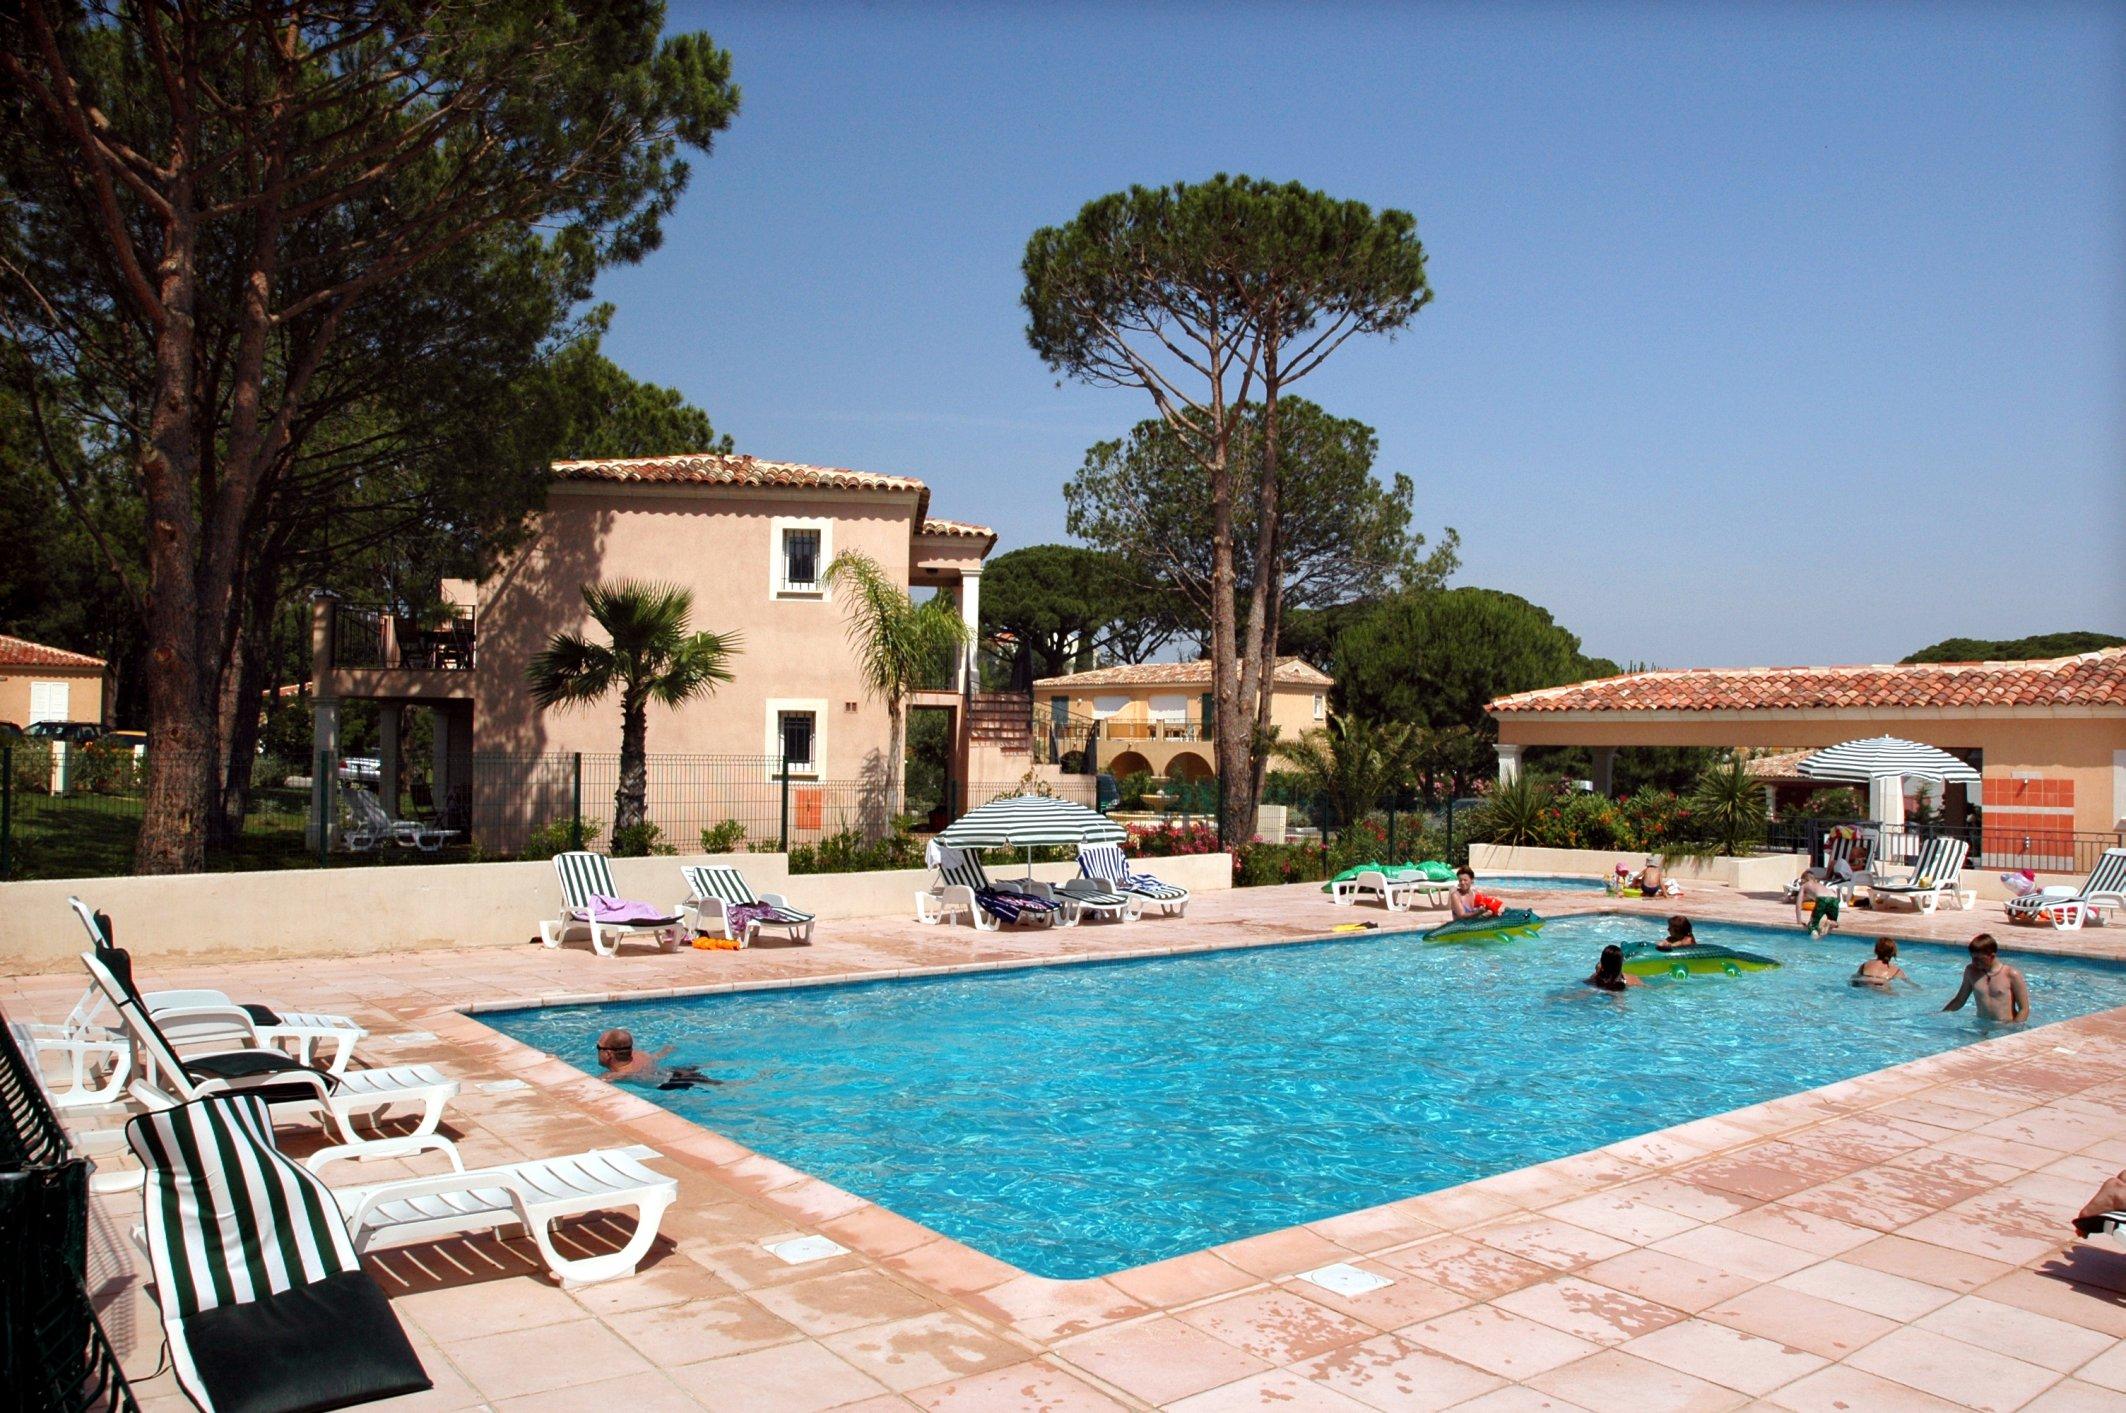 Ferienwohnung Gassin/St. Tropez 2p5 Le Clos (1063856), Gassin, Côte d'Azur, Provence - Alpen - Côte d'Azur, Frankreich, Bild 1